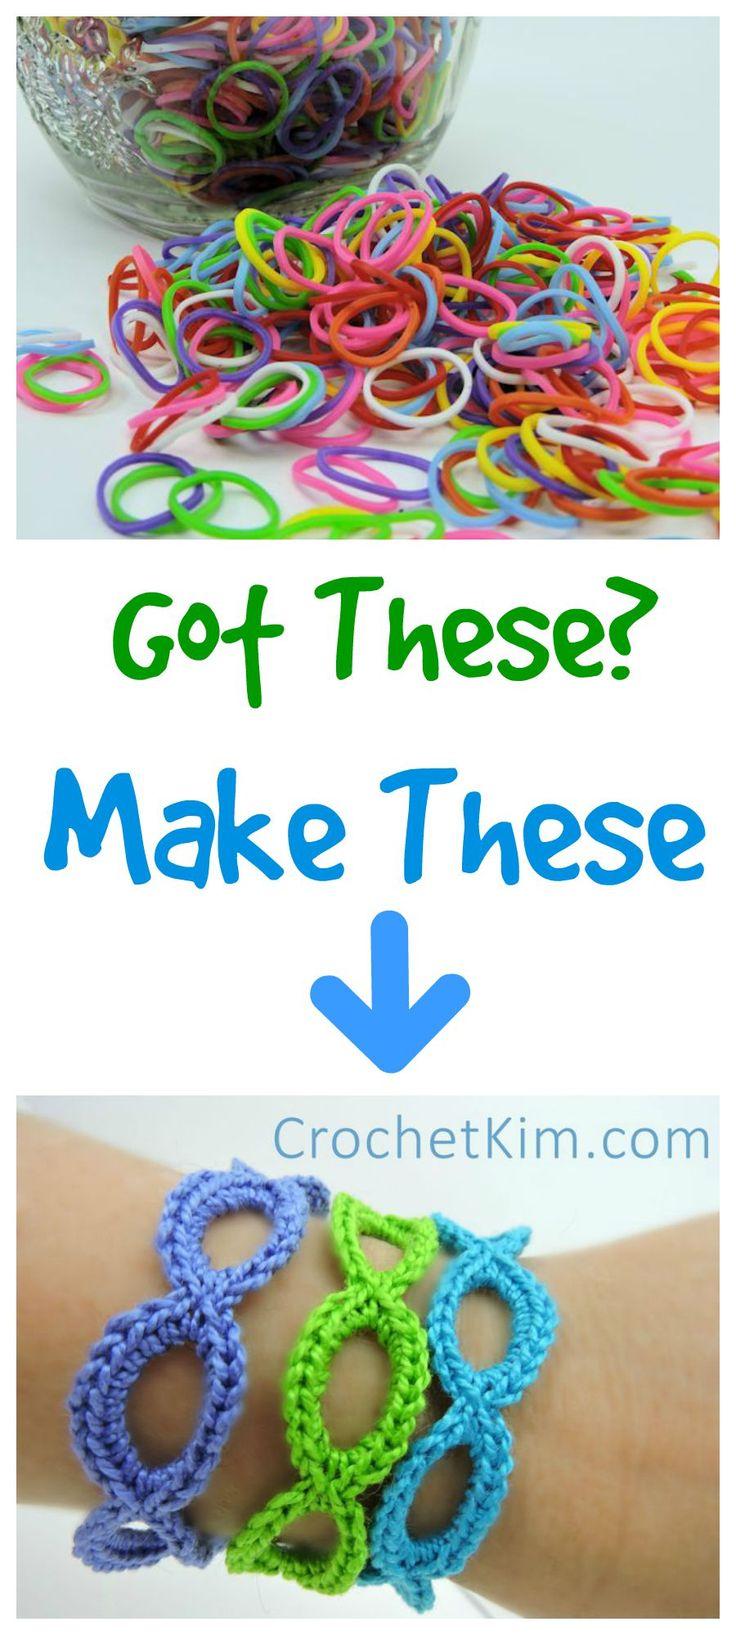 Stretchy Bracelets Made Loom Rubber Bands | free crochet(Da muss ich meiner Nichte wohl ein paar von diesen Mini-Gummibändern klauen...)